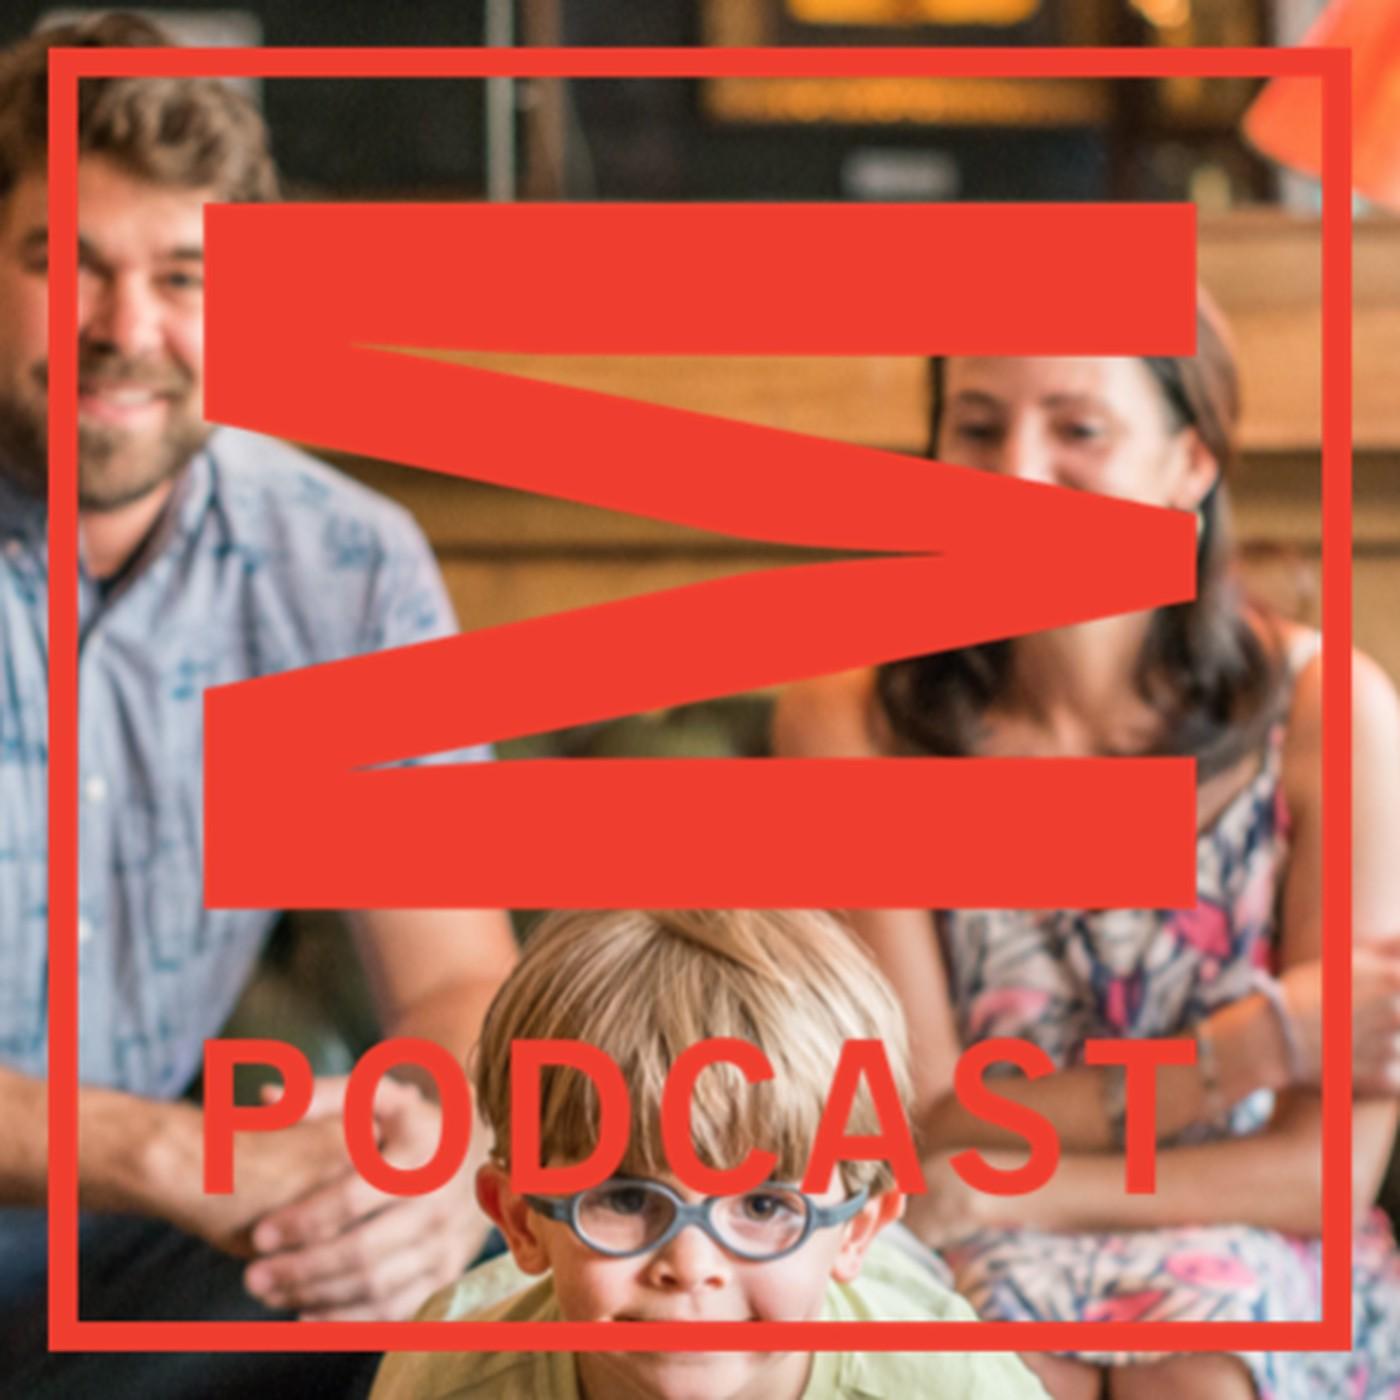 Episode 38: Jim Gerding and Stoney McGurrin, Ryan's Daughter